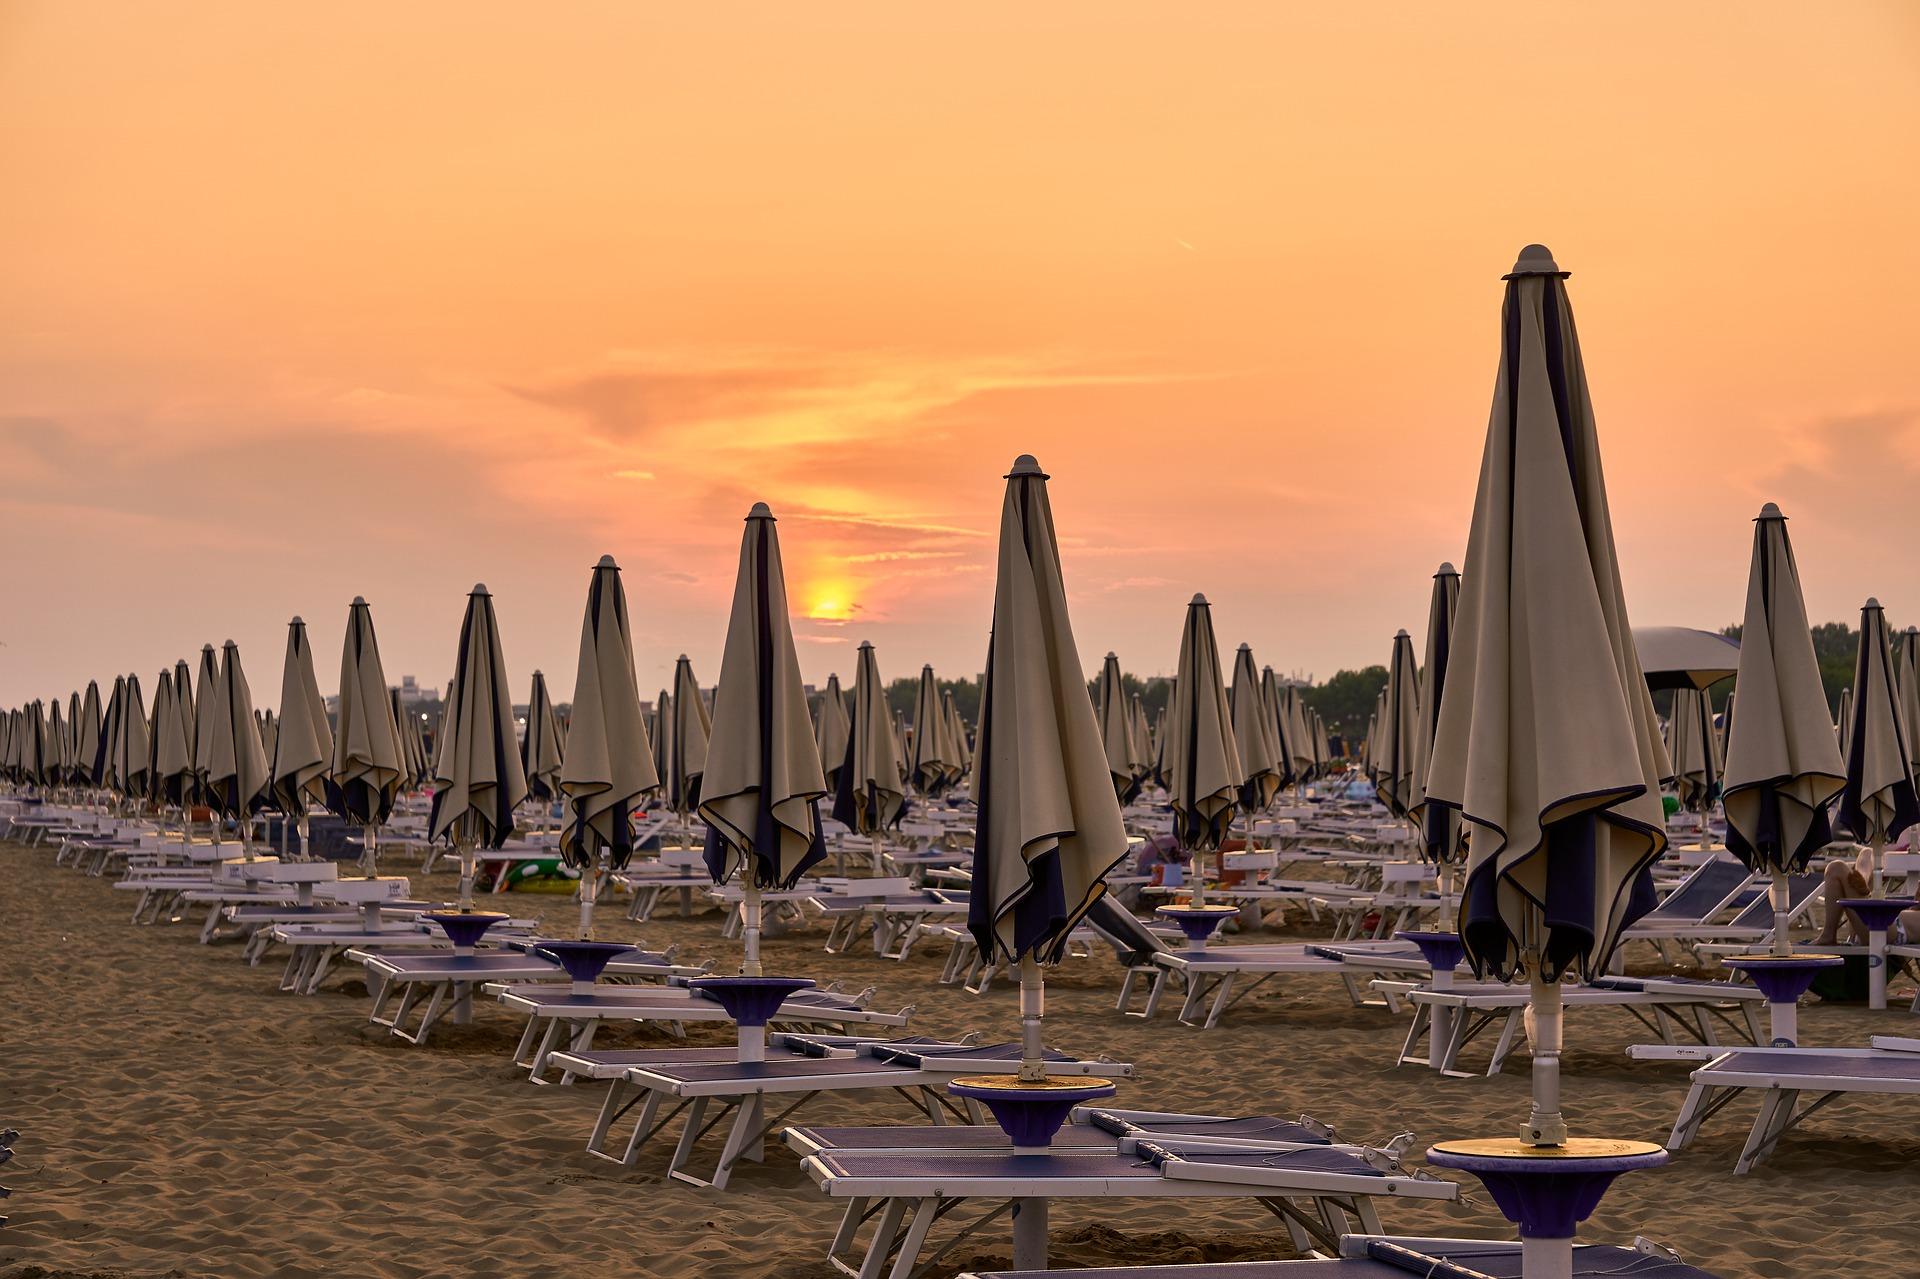 Adriaküste - Strandliegen und Sonnenschirme